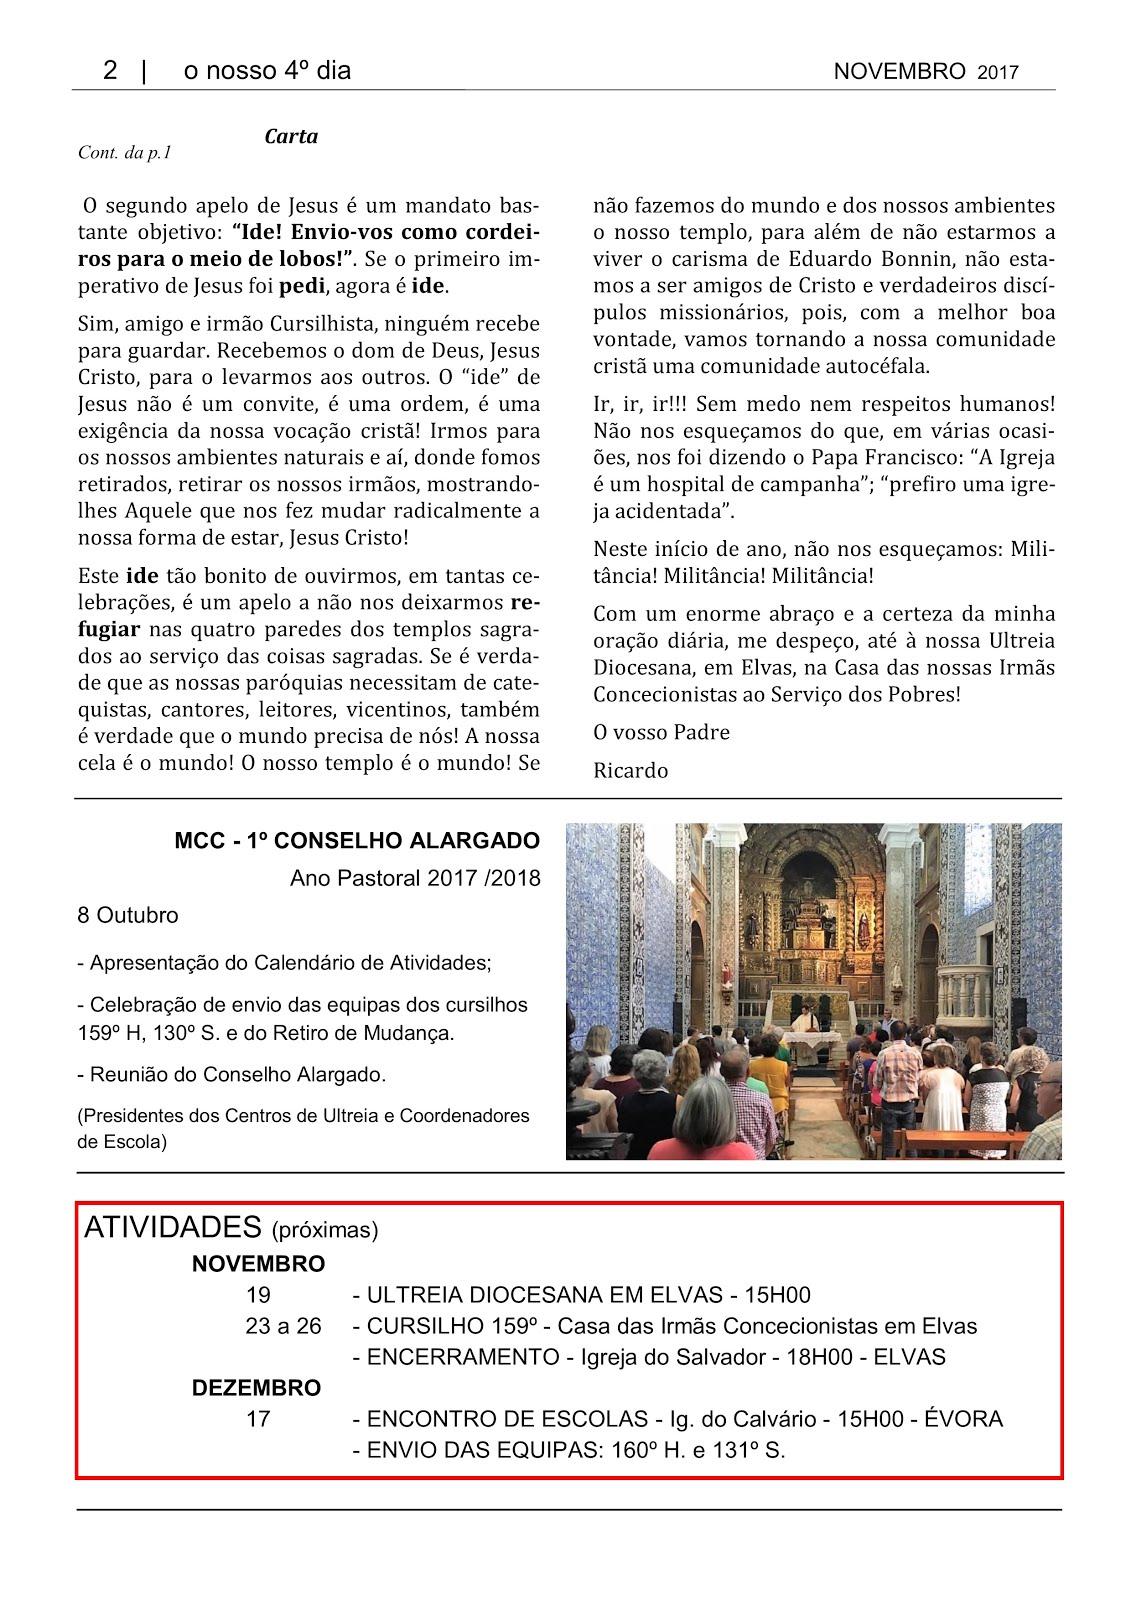 pág. 2